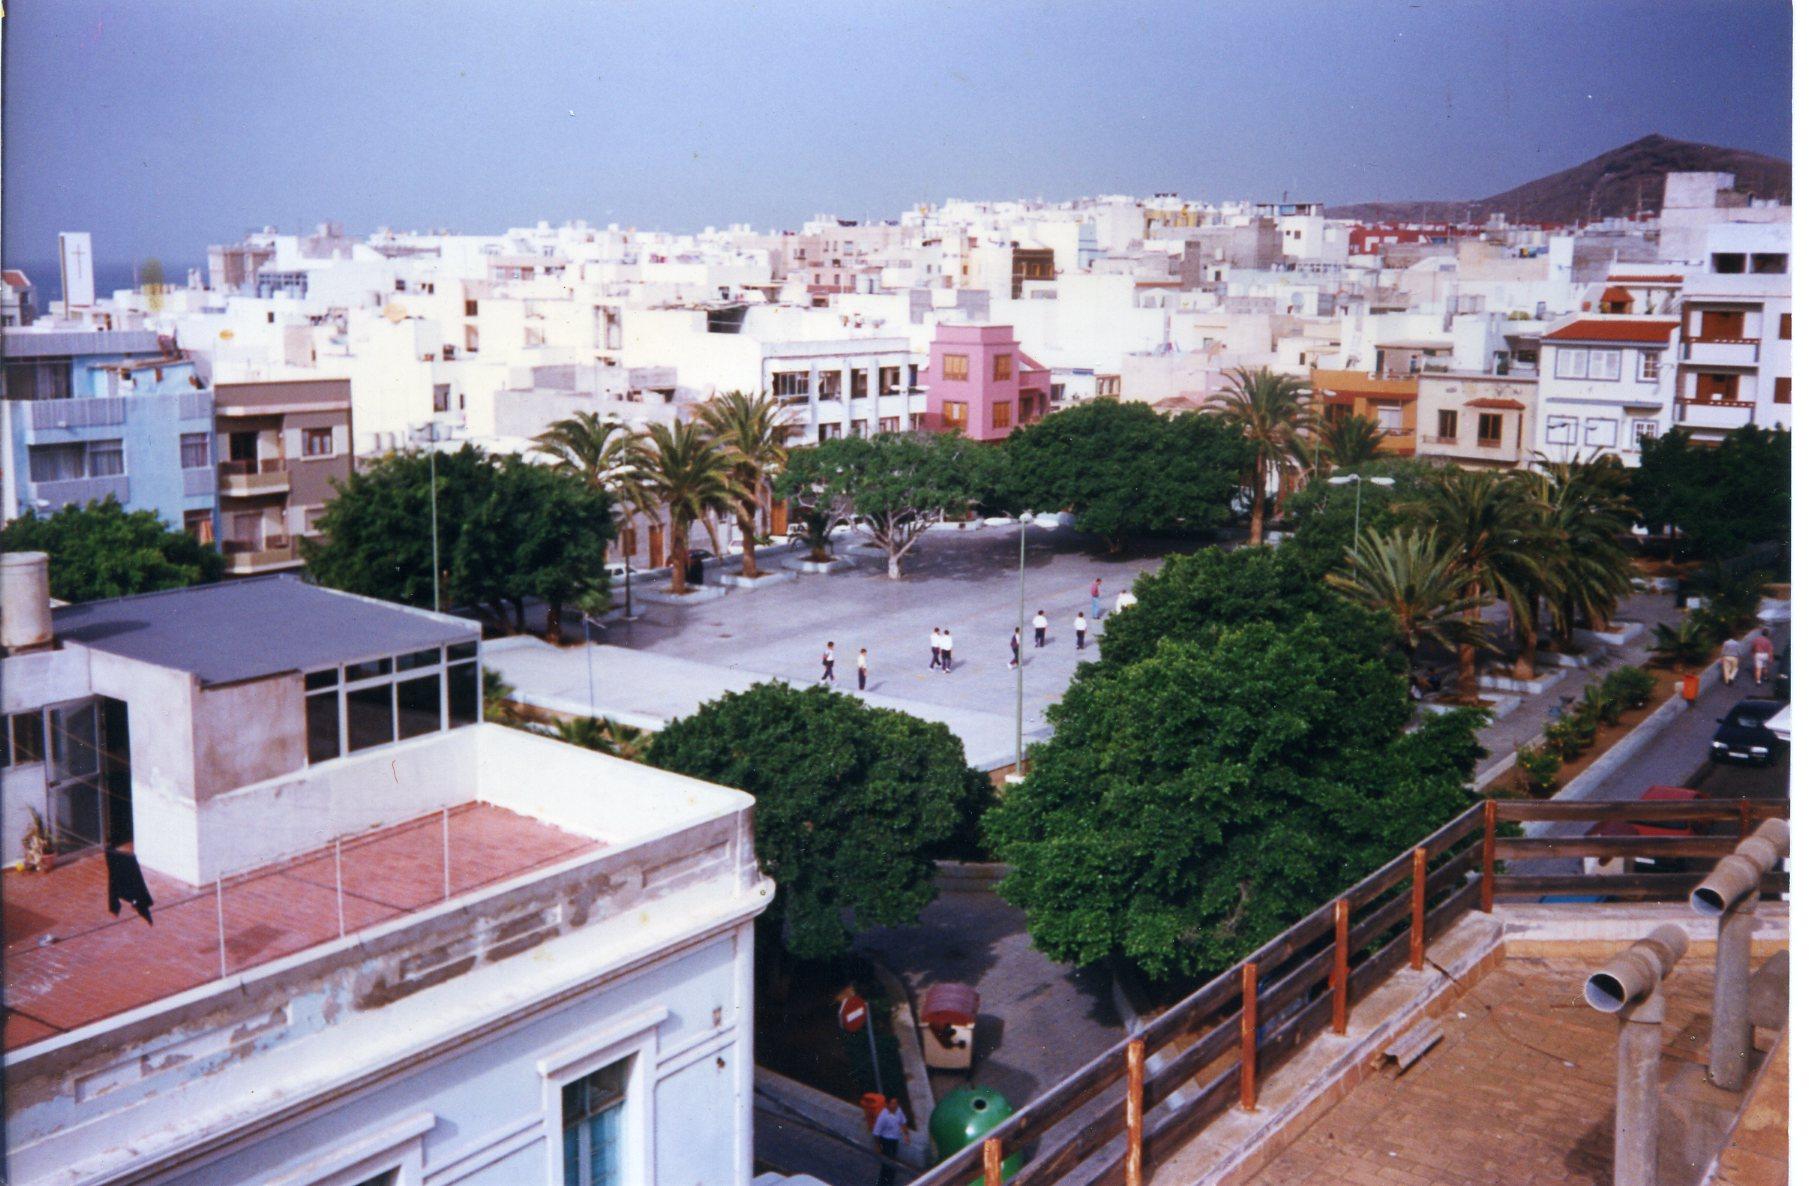 Foto: conocelaisleta.wordpress.com